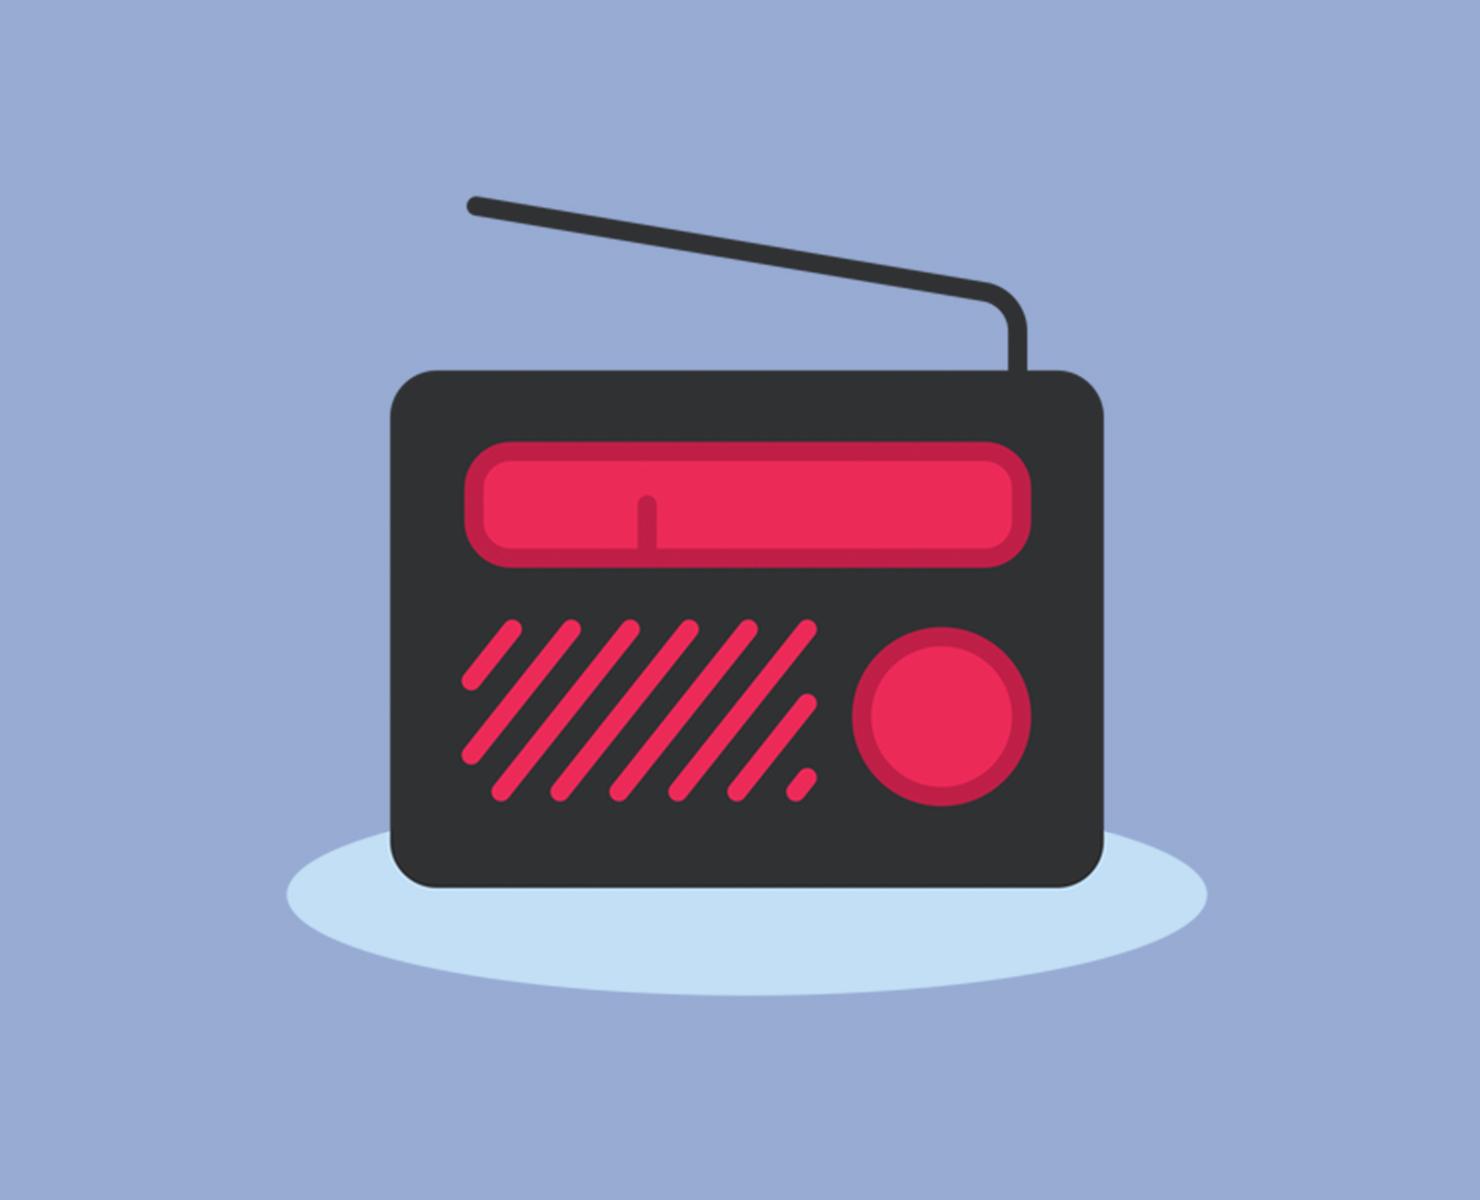 RÁDIO: MIGRAÇÃO DE AM PARA FM PODERÁ SER PARCELADO EM ATÉ 120 VEZES